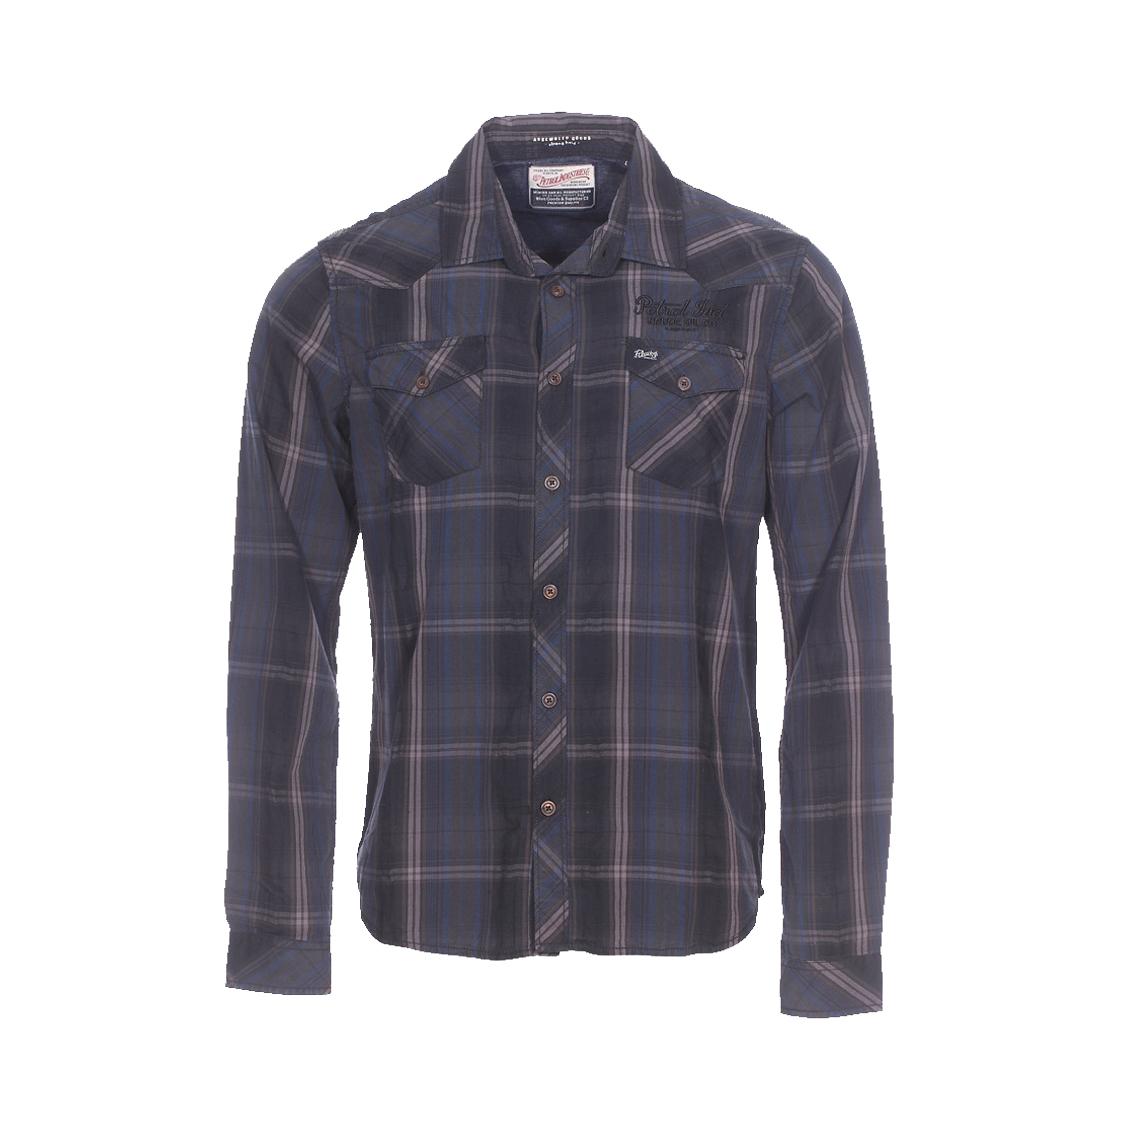 Chemise ajustée  en coton à carreaux marrons, noirs et bleu foncé